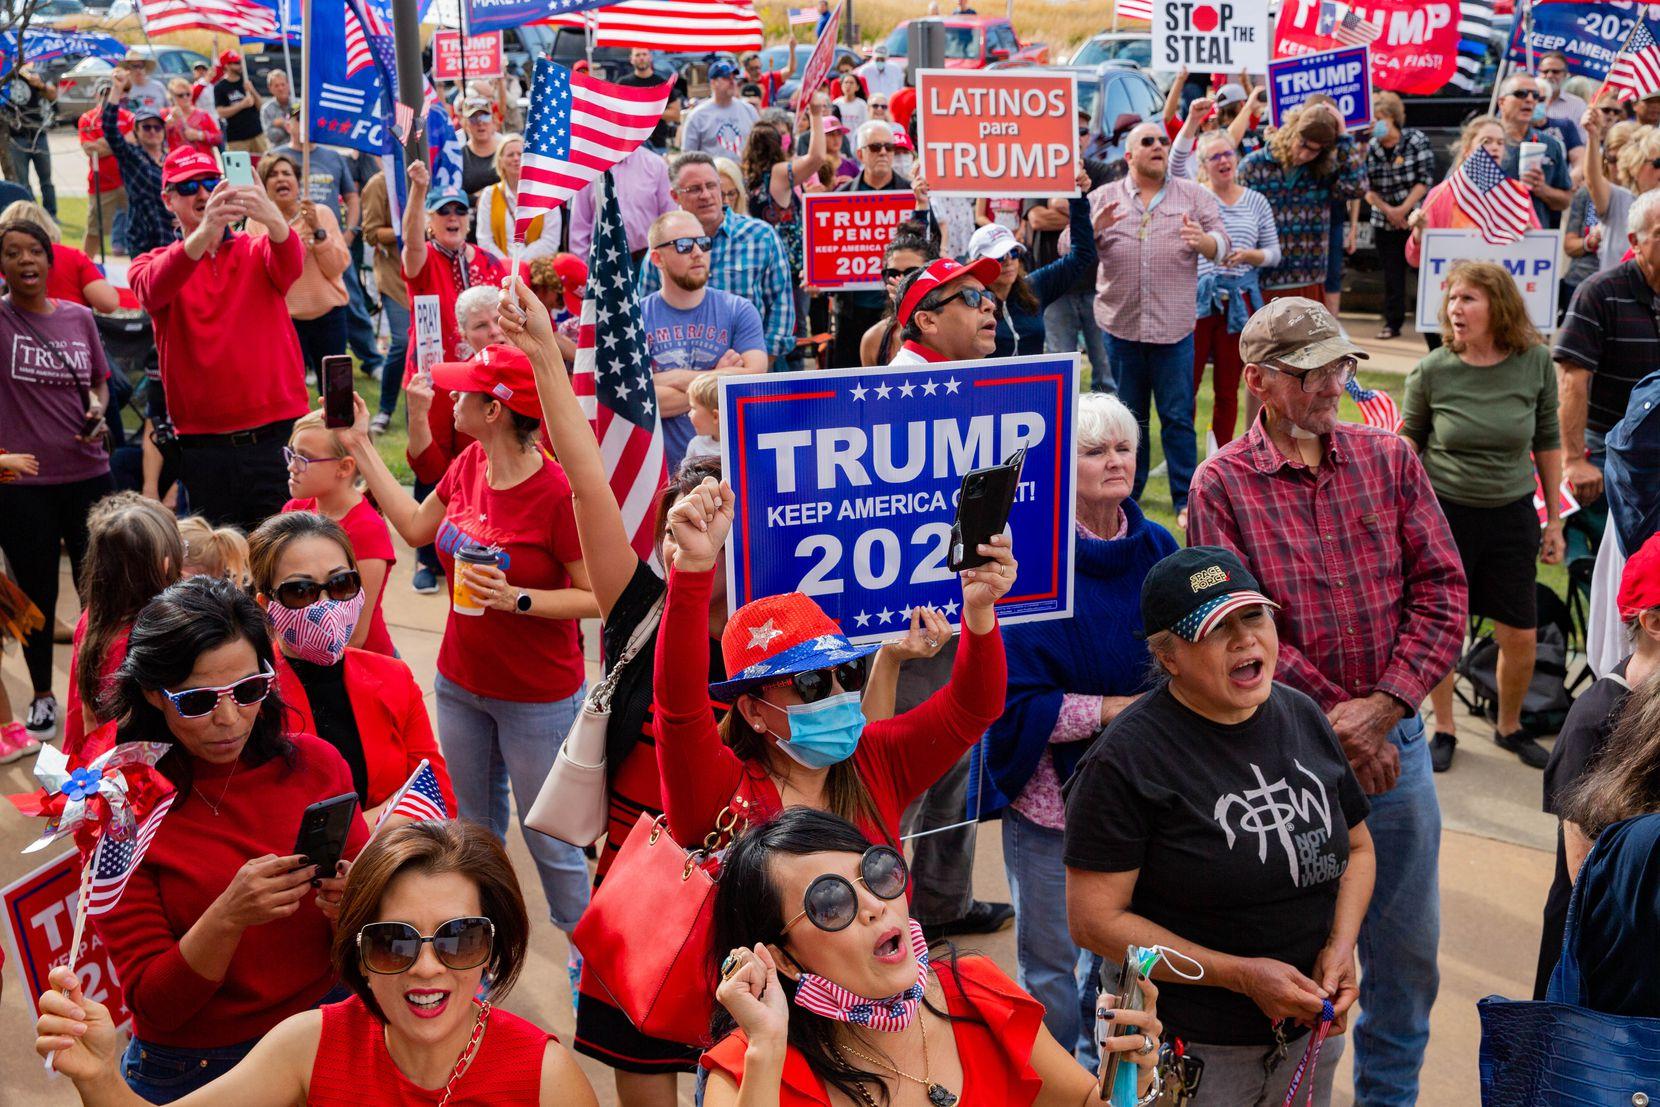 Simpatizantes del presidente Donald Trump durante el evento America is Great en Rockwall, el domingo 8 de noviembre.